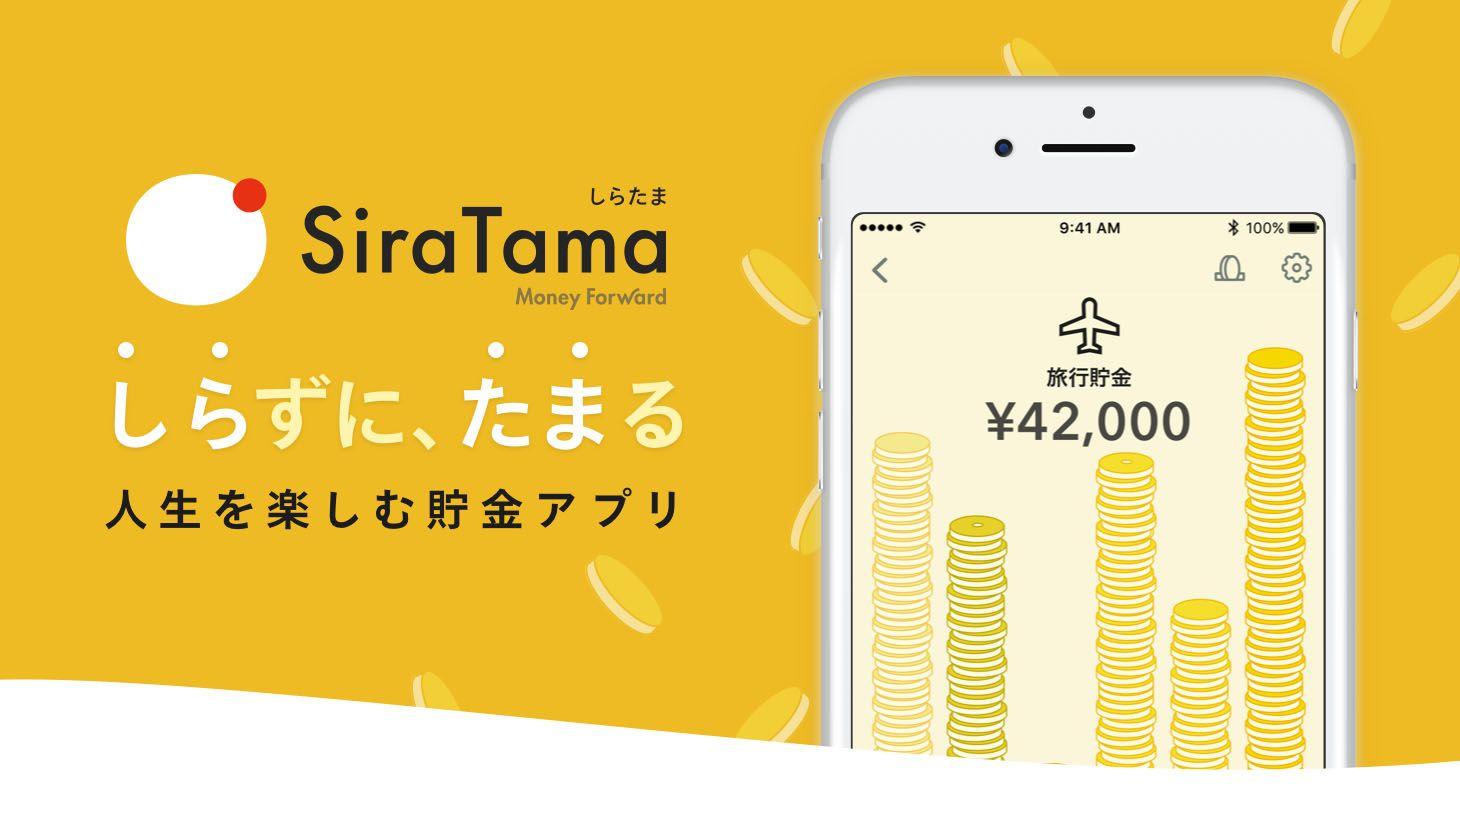 スマホアプリの「動きのデザイン」に大切なこと―― 自動貯金アプリ「しらたま」に学ぶ